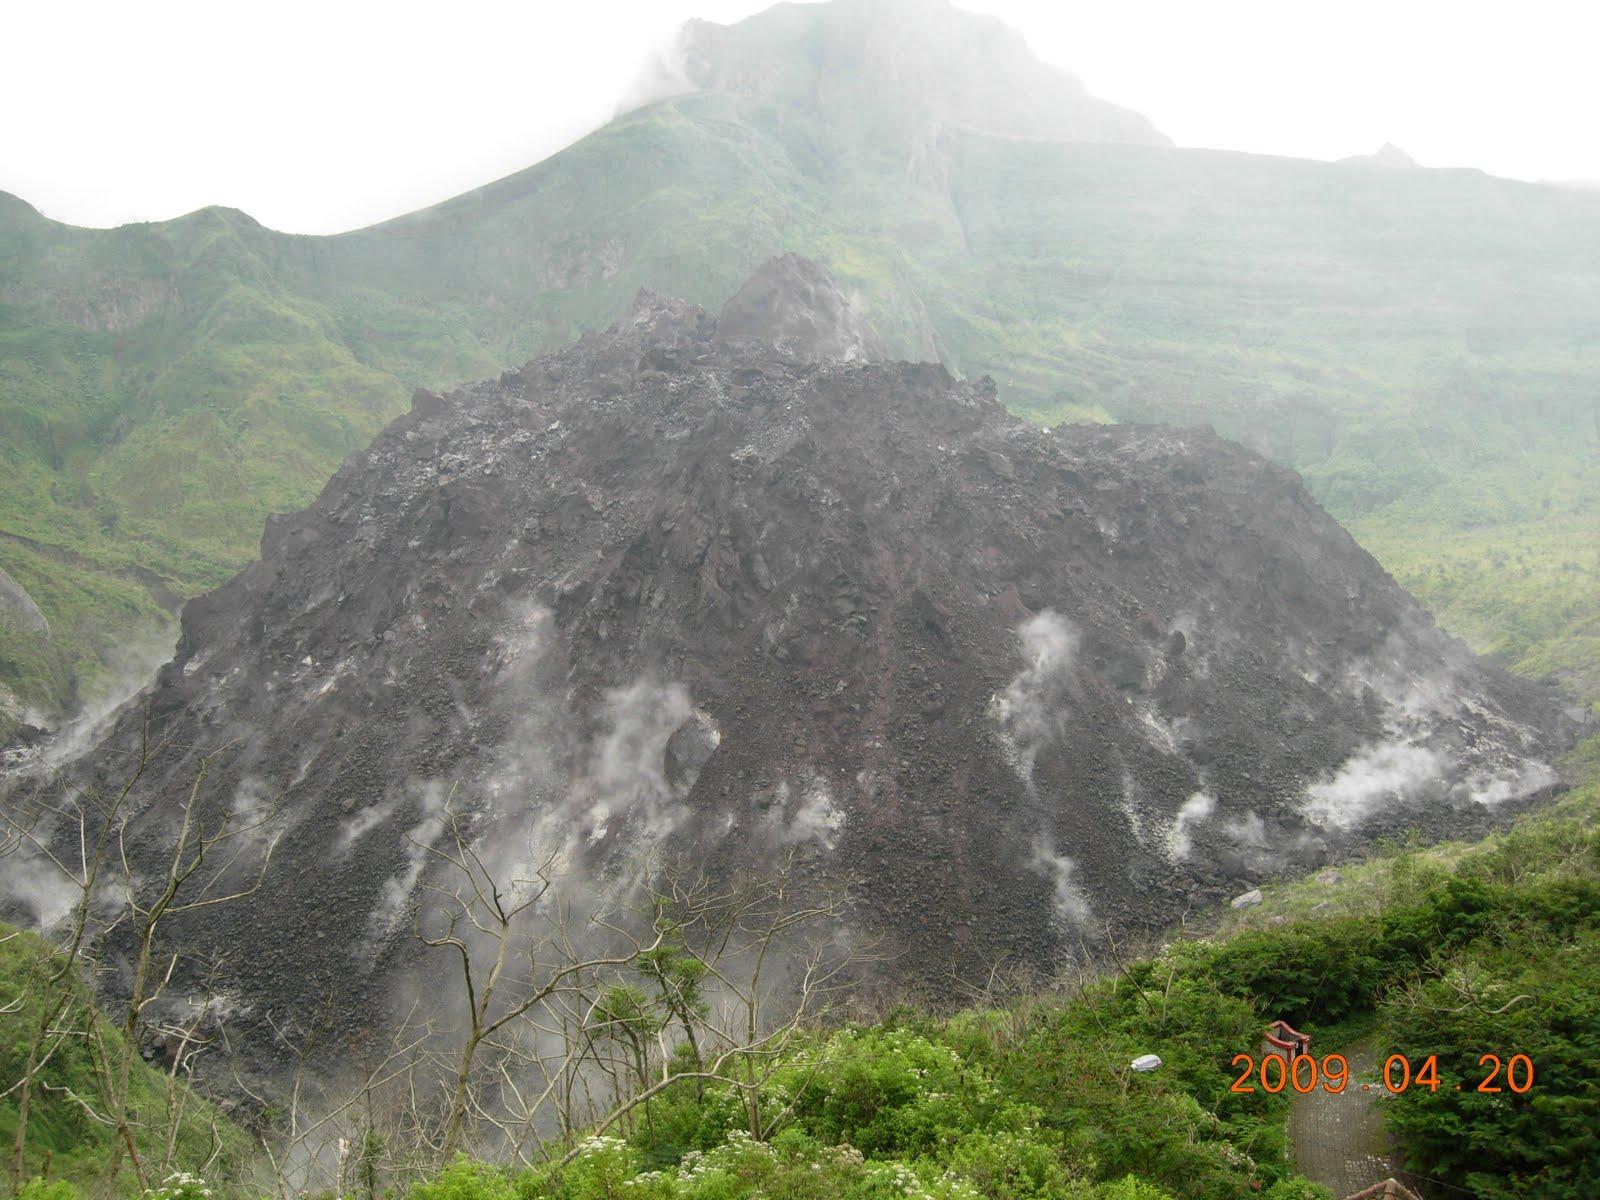 gunung kelud merupakan gunung api aktif dengan ketinggian 1791 mdpl